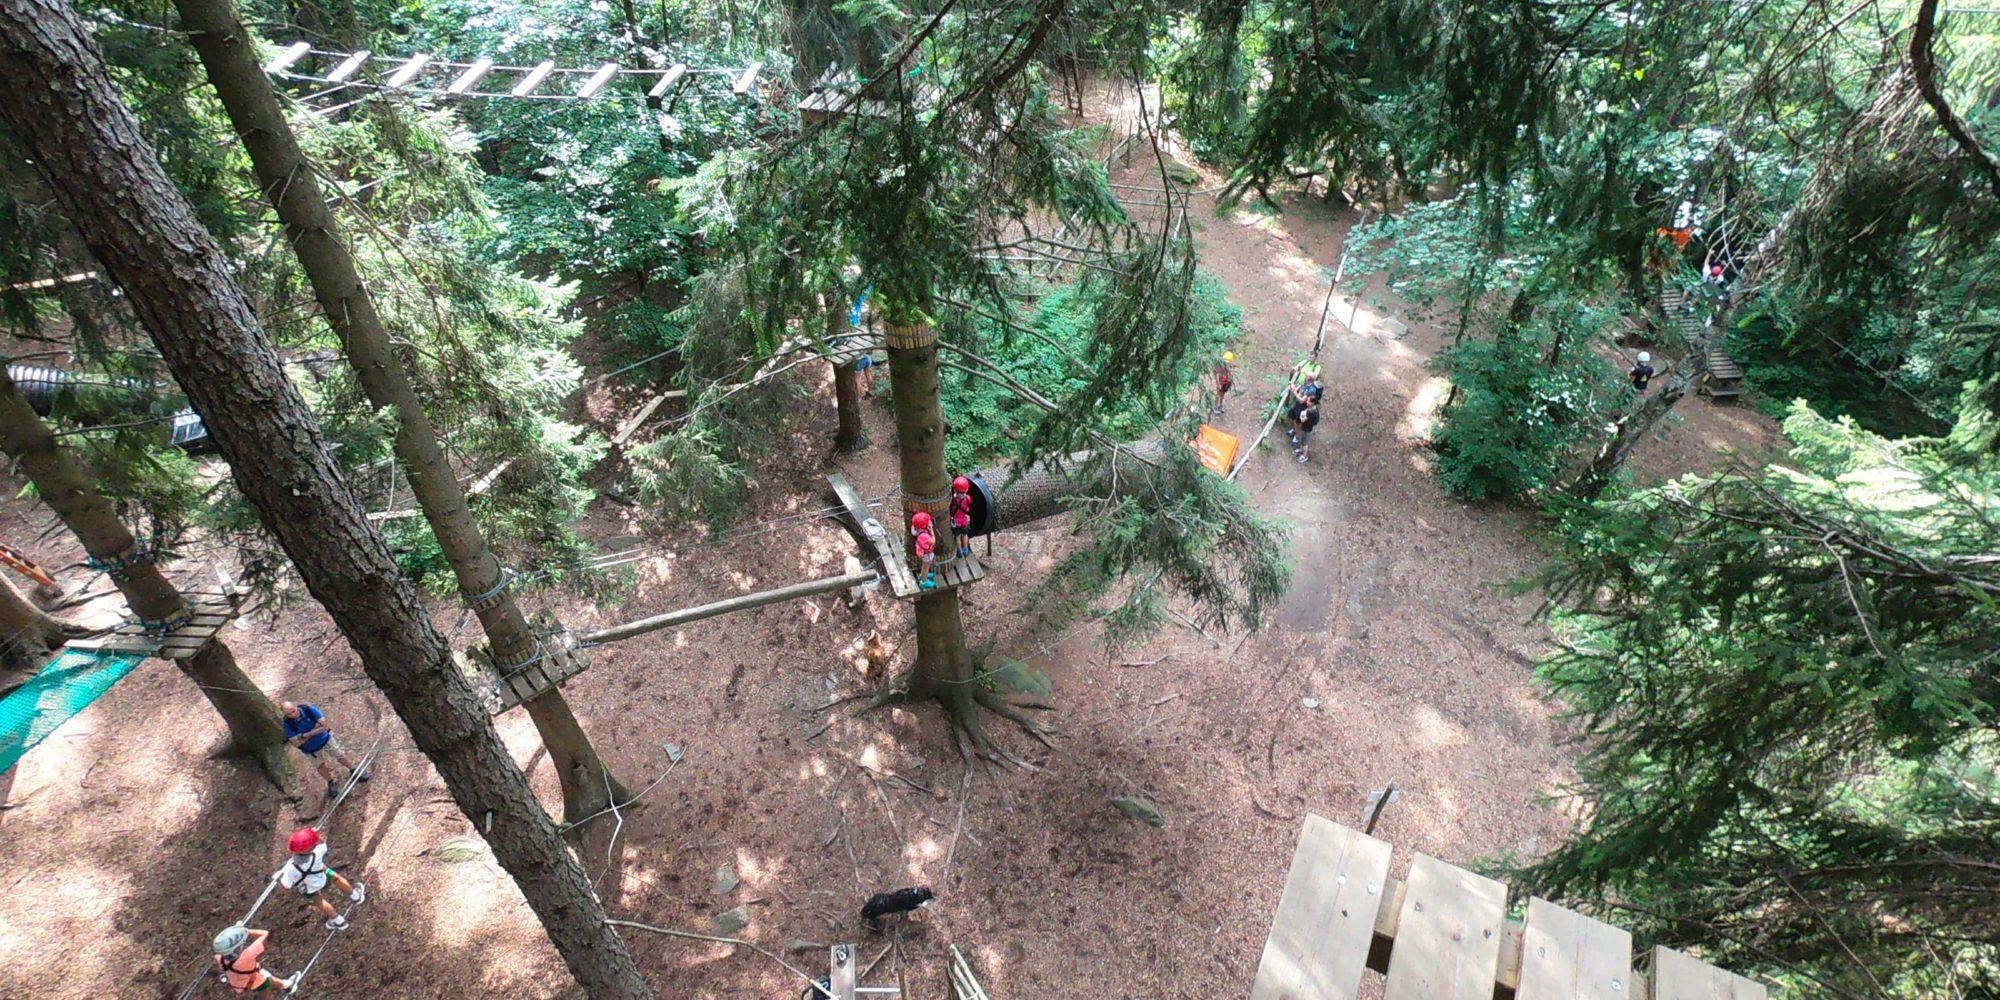 Percorsi avventurosi per adulti e bambini al Jungle Raider Park di Civenna vicino a Como